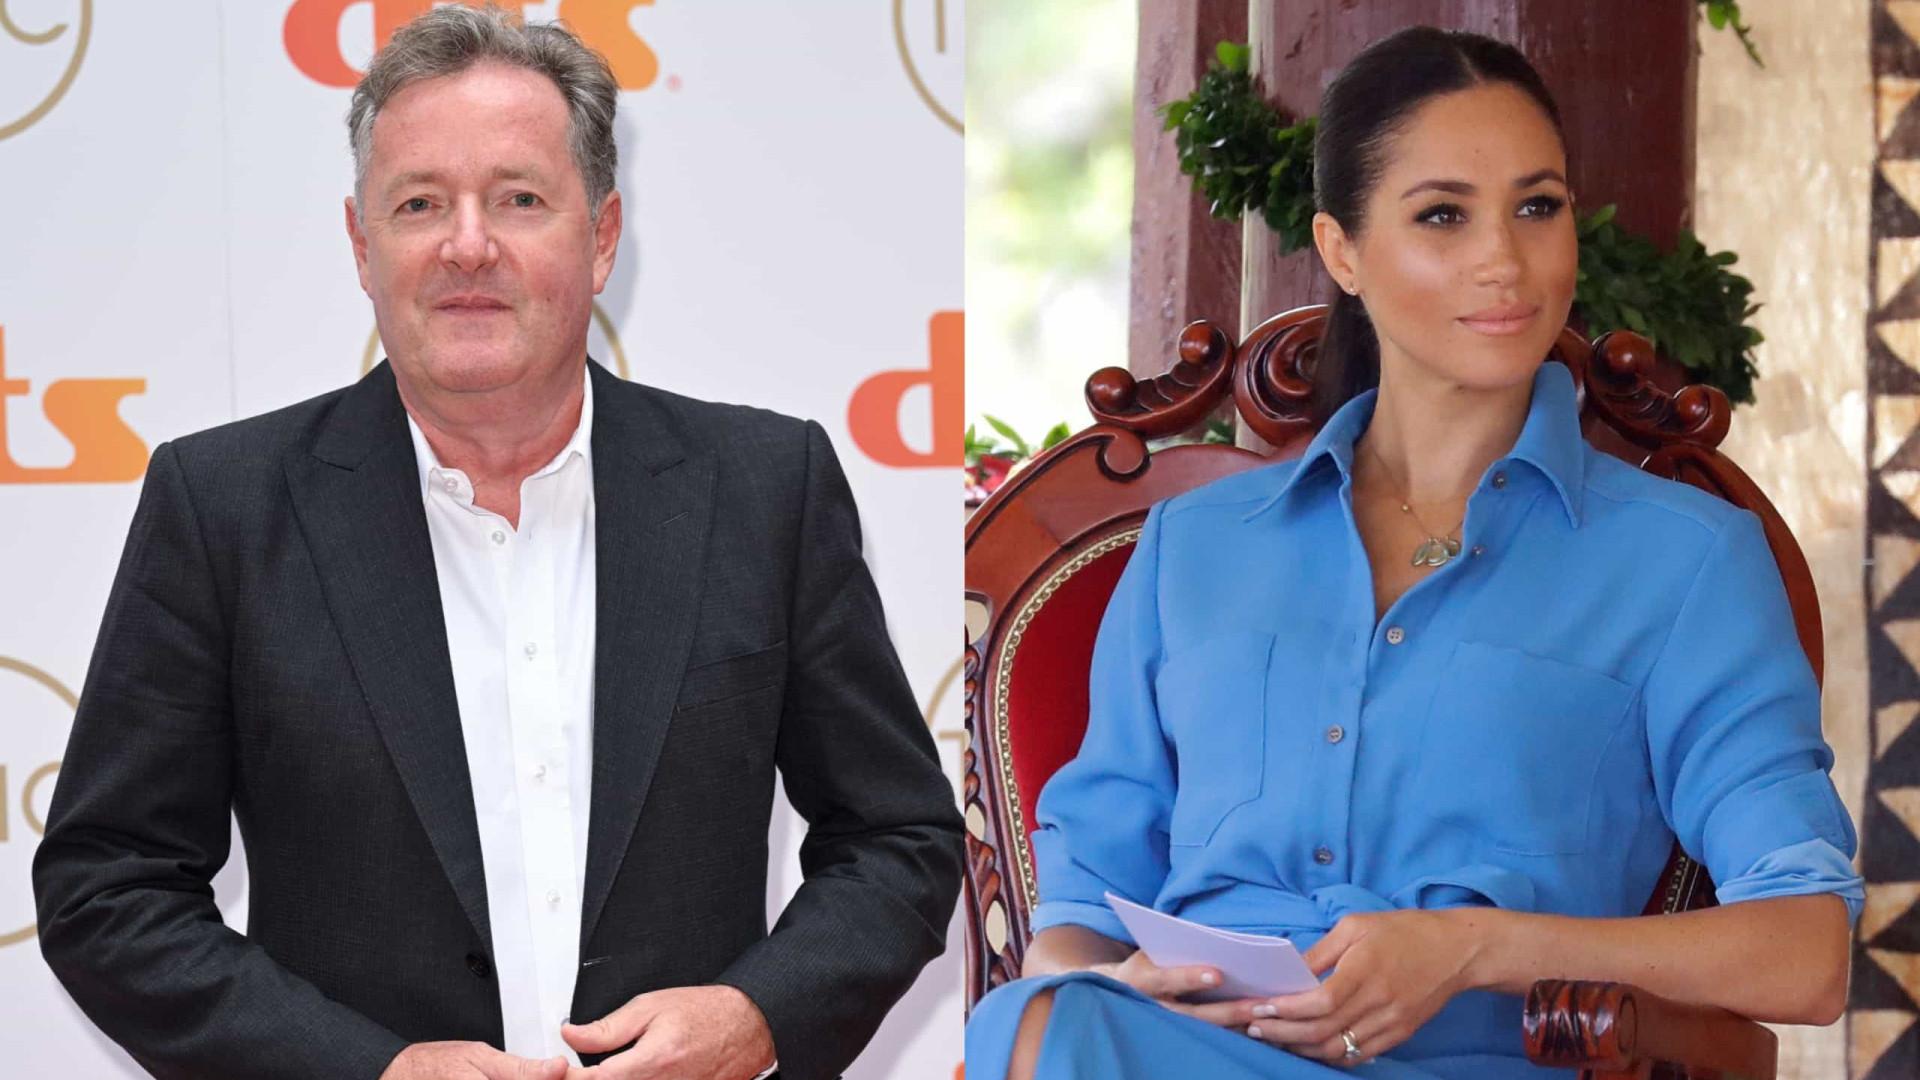 Piers Morgan promete ser o pesadelo de Meghan Markle em novo trabalho